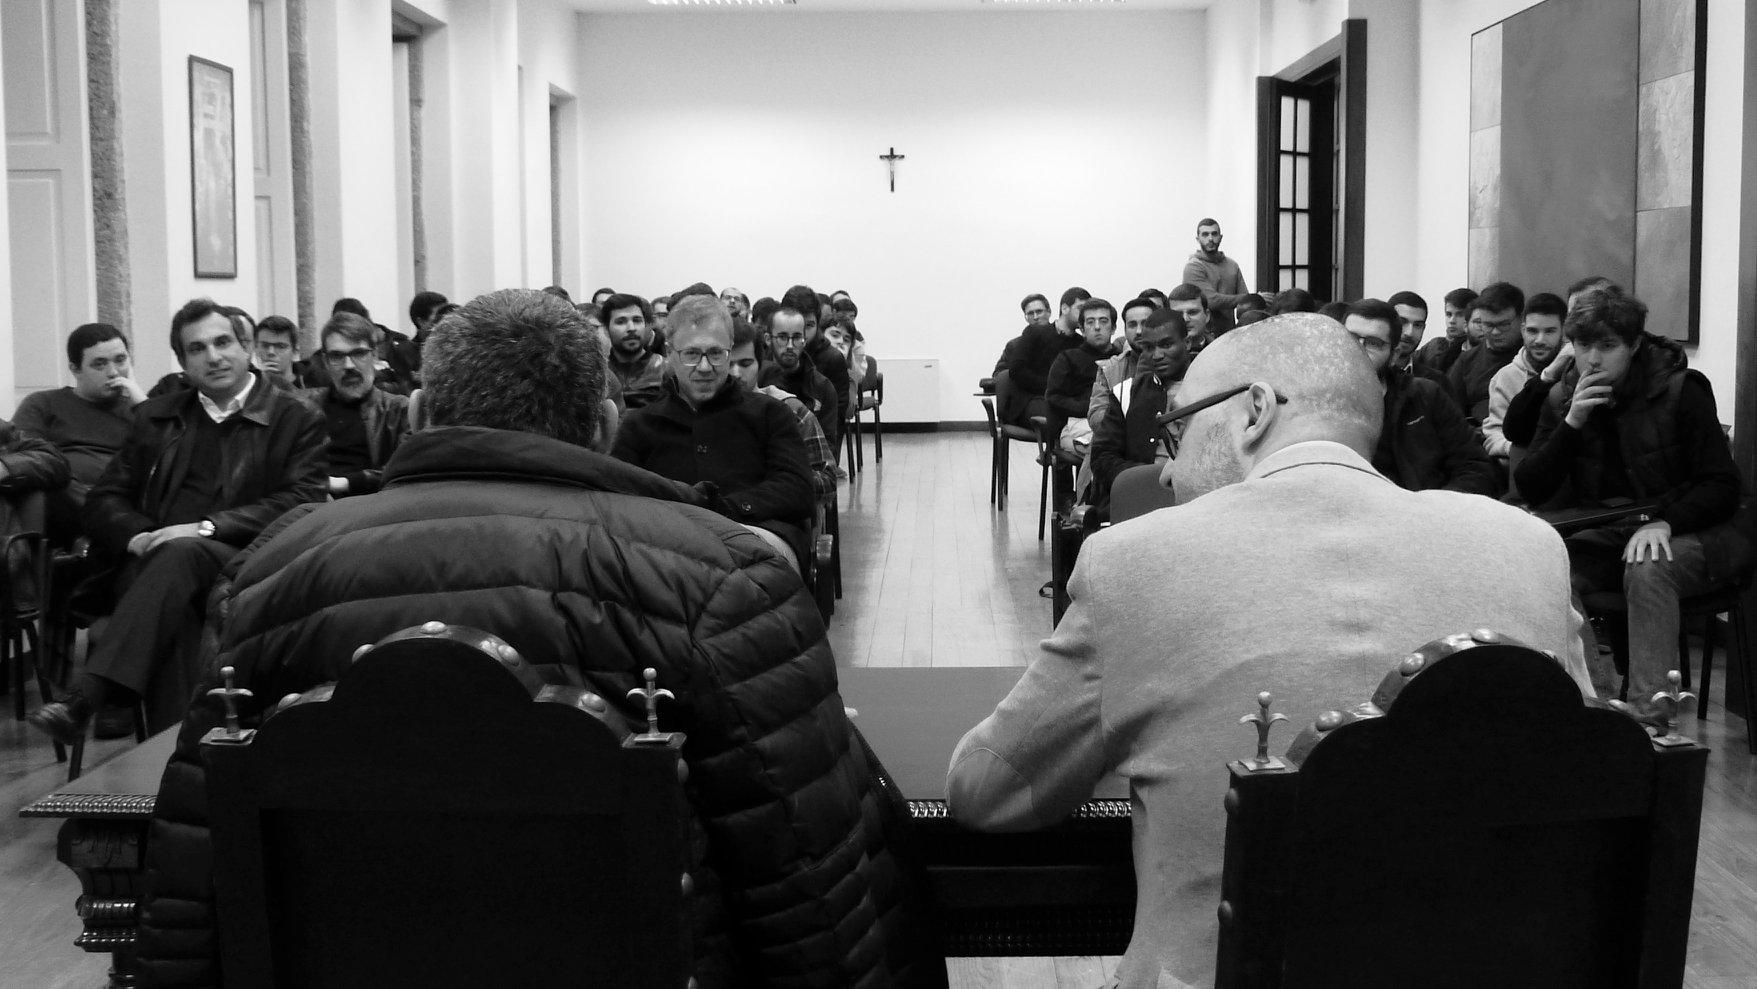 Serão Cultural com o Dr. João Miguel Tavares